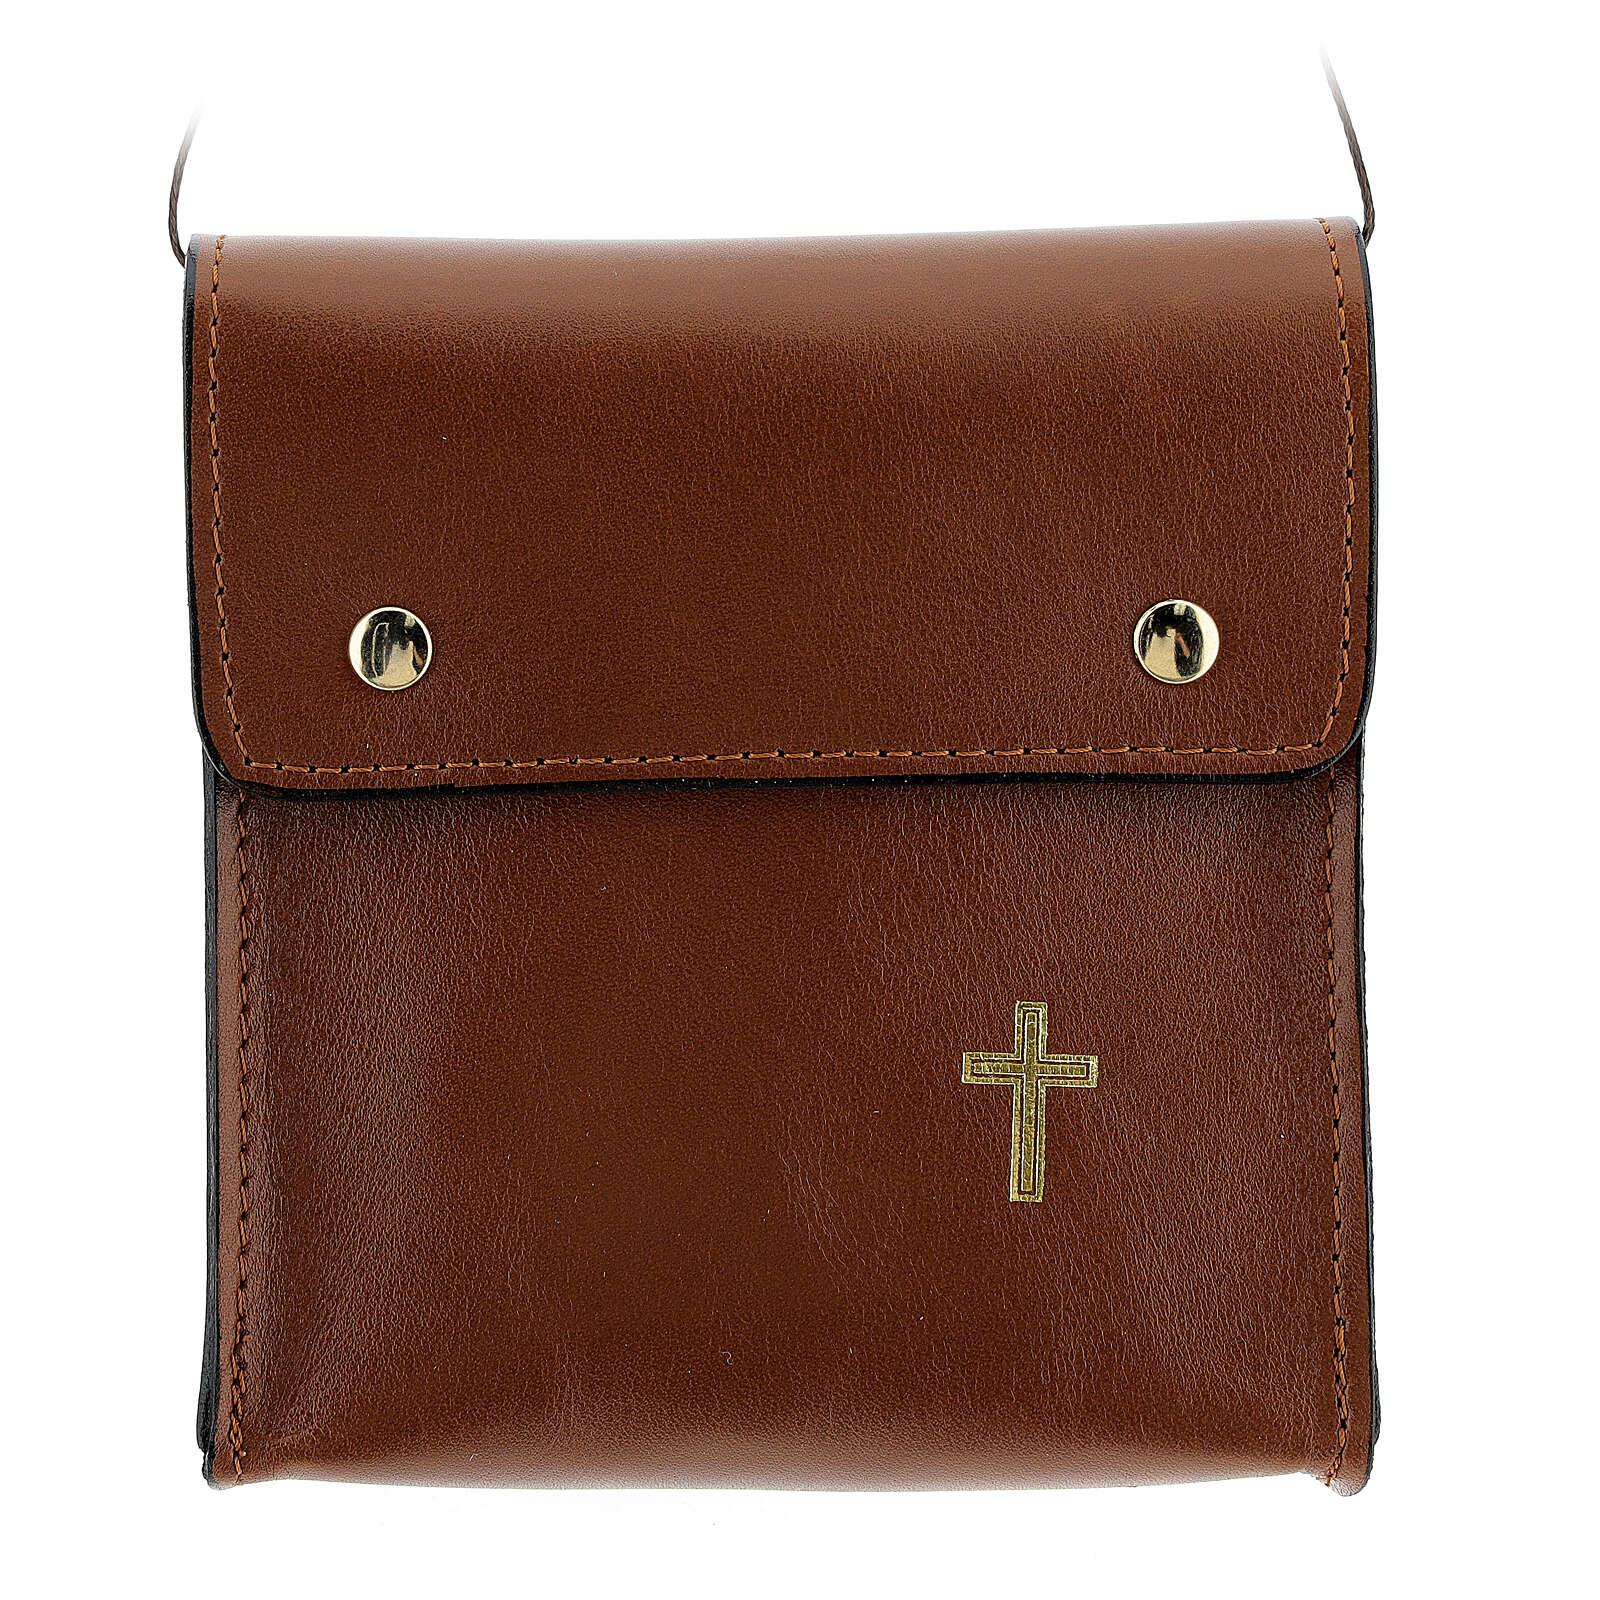 Sac rectangulaire pour patène 13x12 cm cuir véritable marron 4